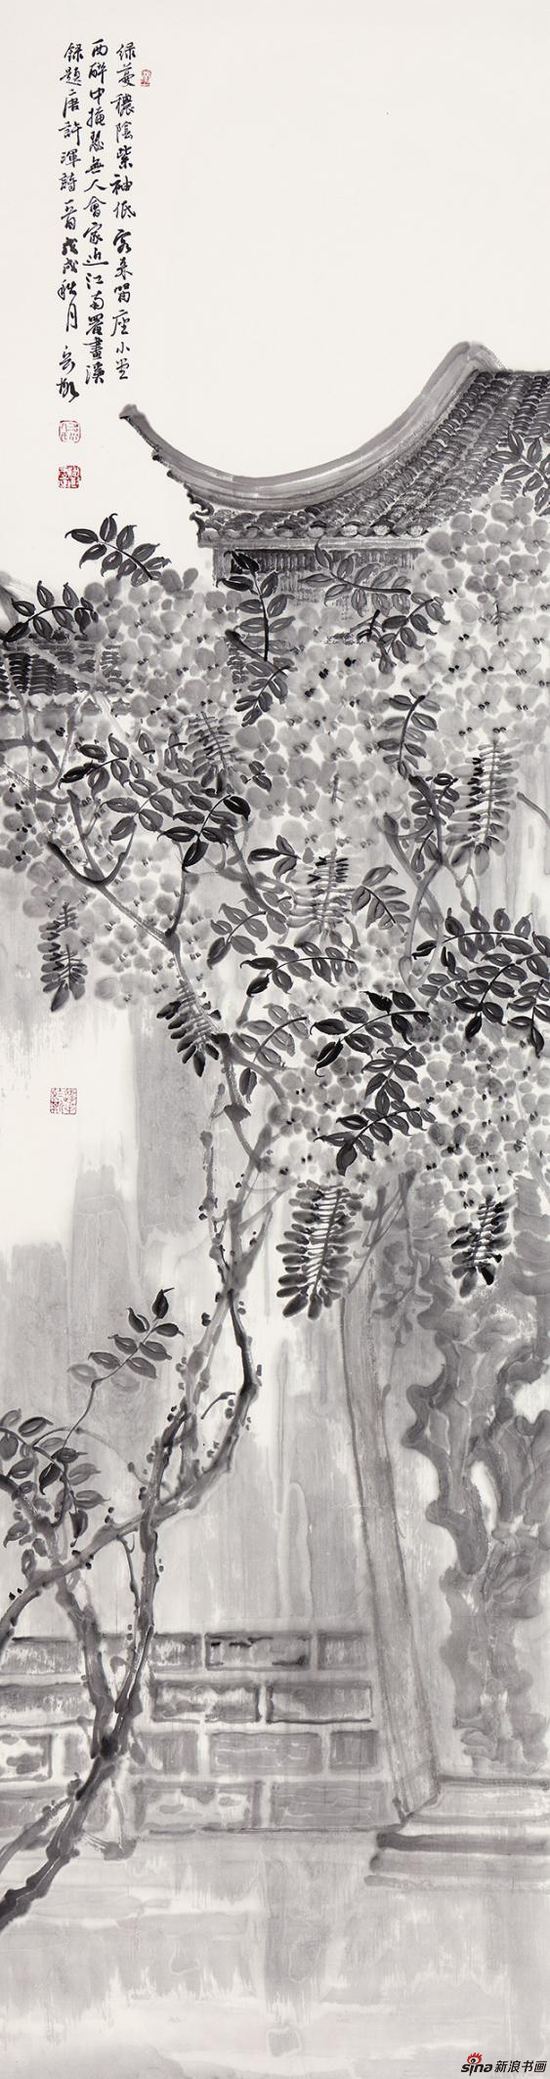 绿蔓秾荫紫 180cm×48cm 2018